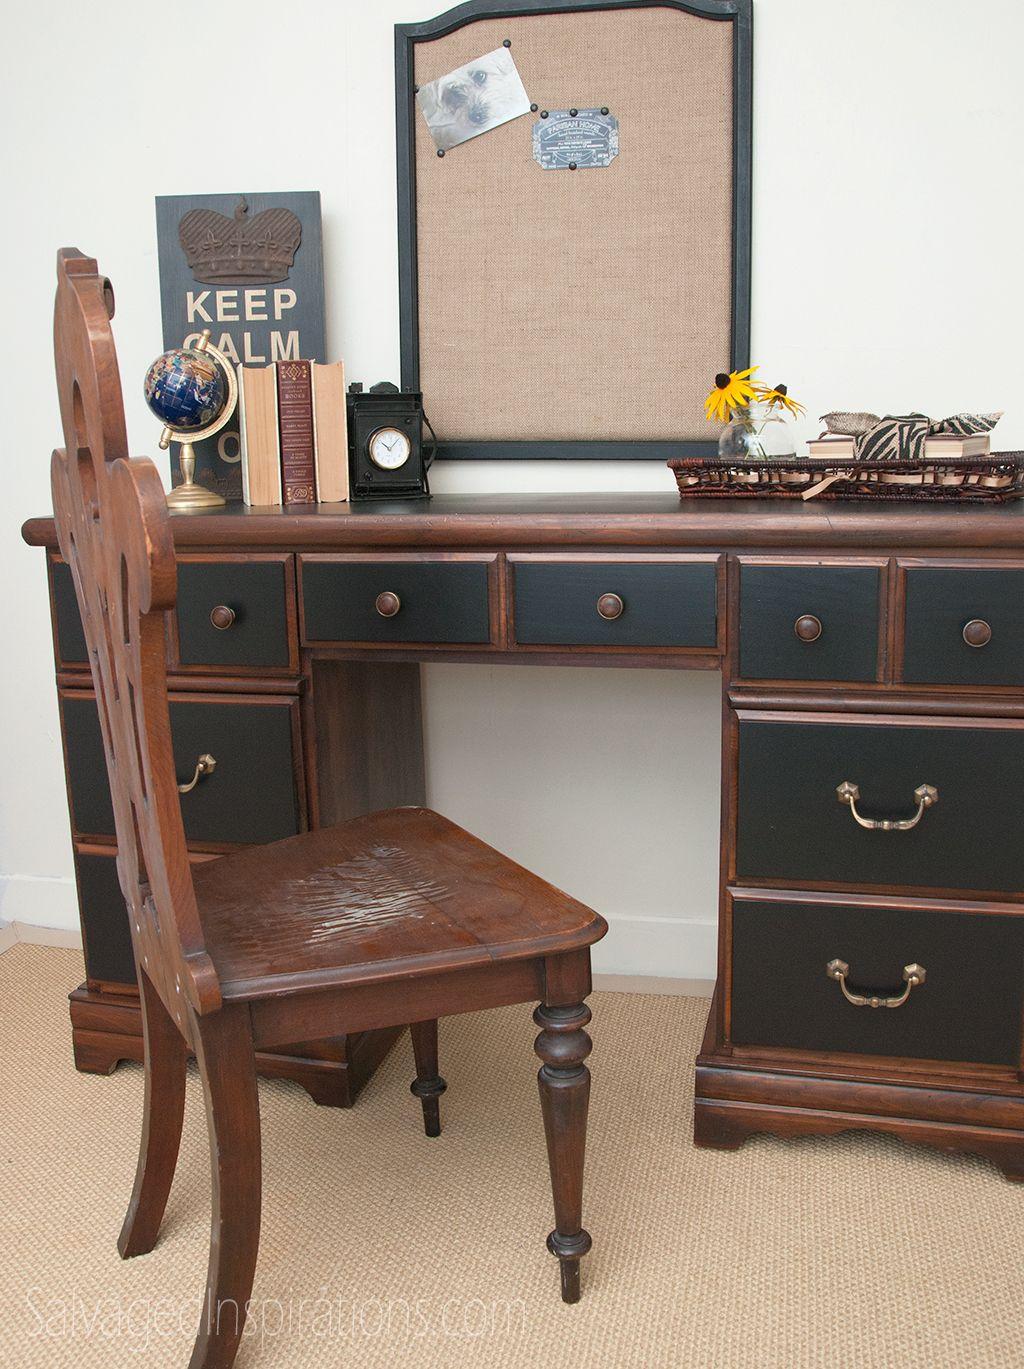 15 id es sympas pour relooker un vieux bureau bureau meubles et bricolage d co. Black Bedroom Furniture Sets. Home Design Ideas